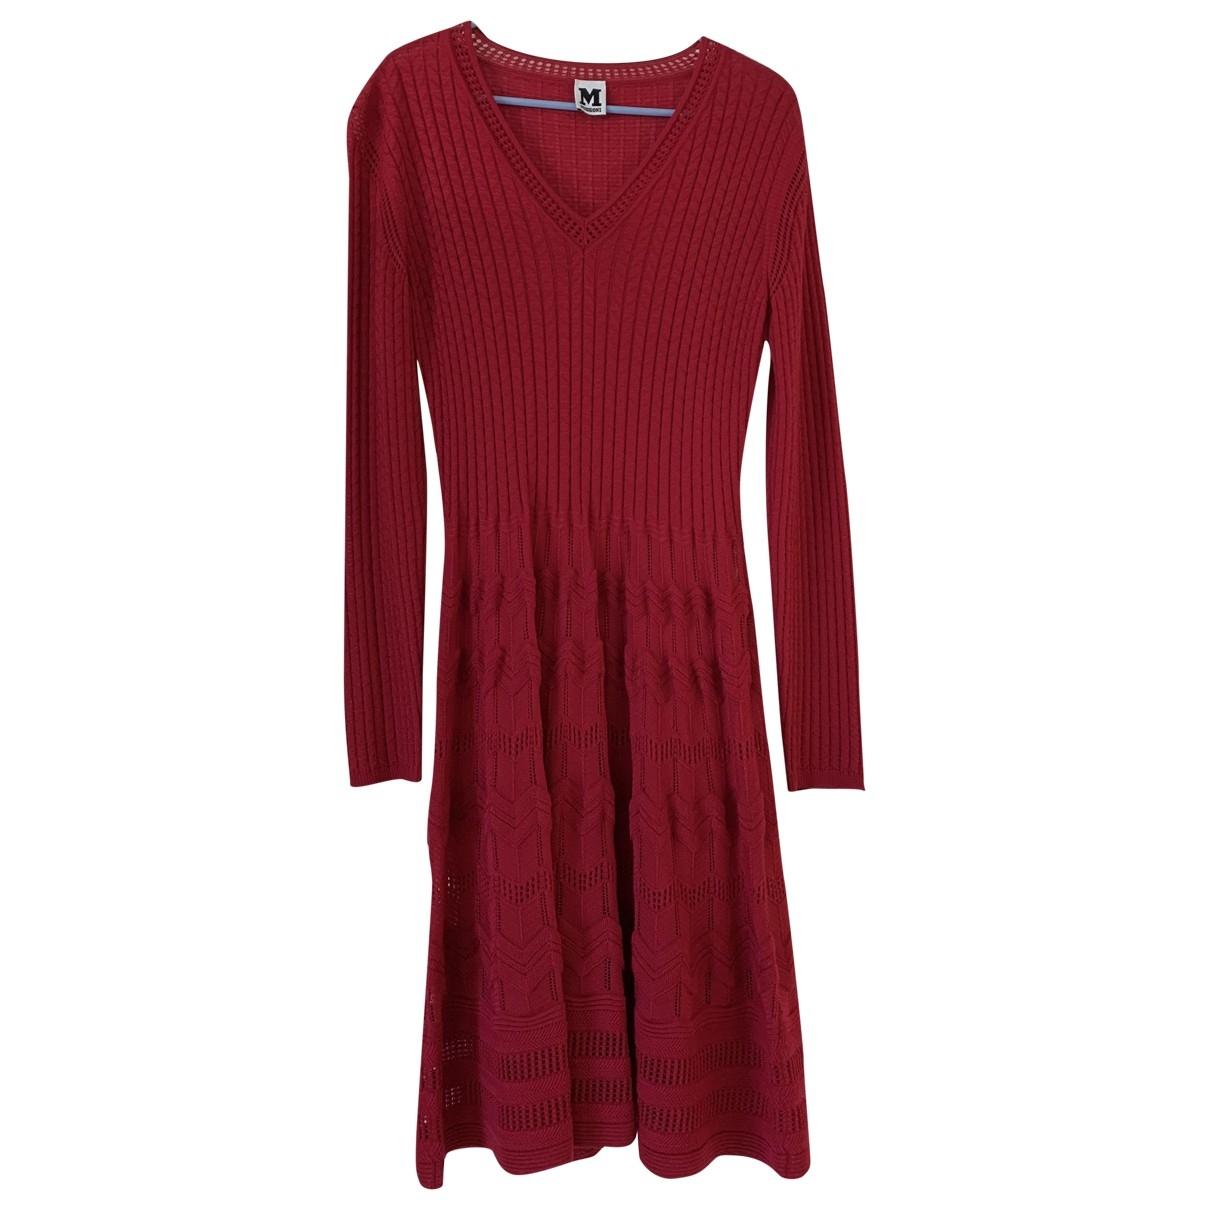 M Missoni \N Kleid in  Rot Wolle